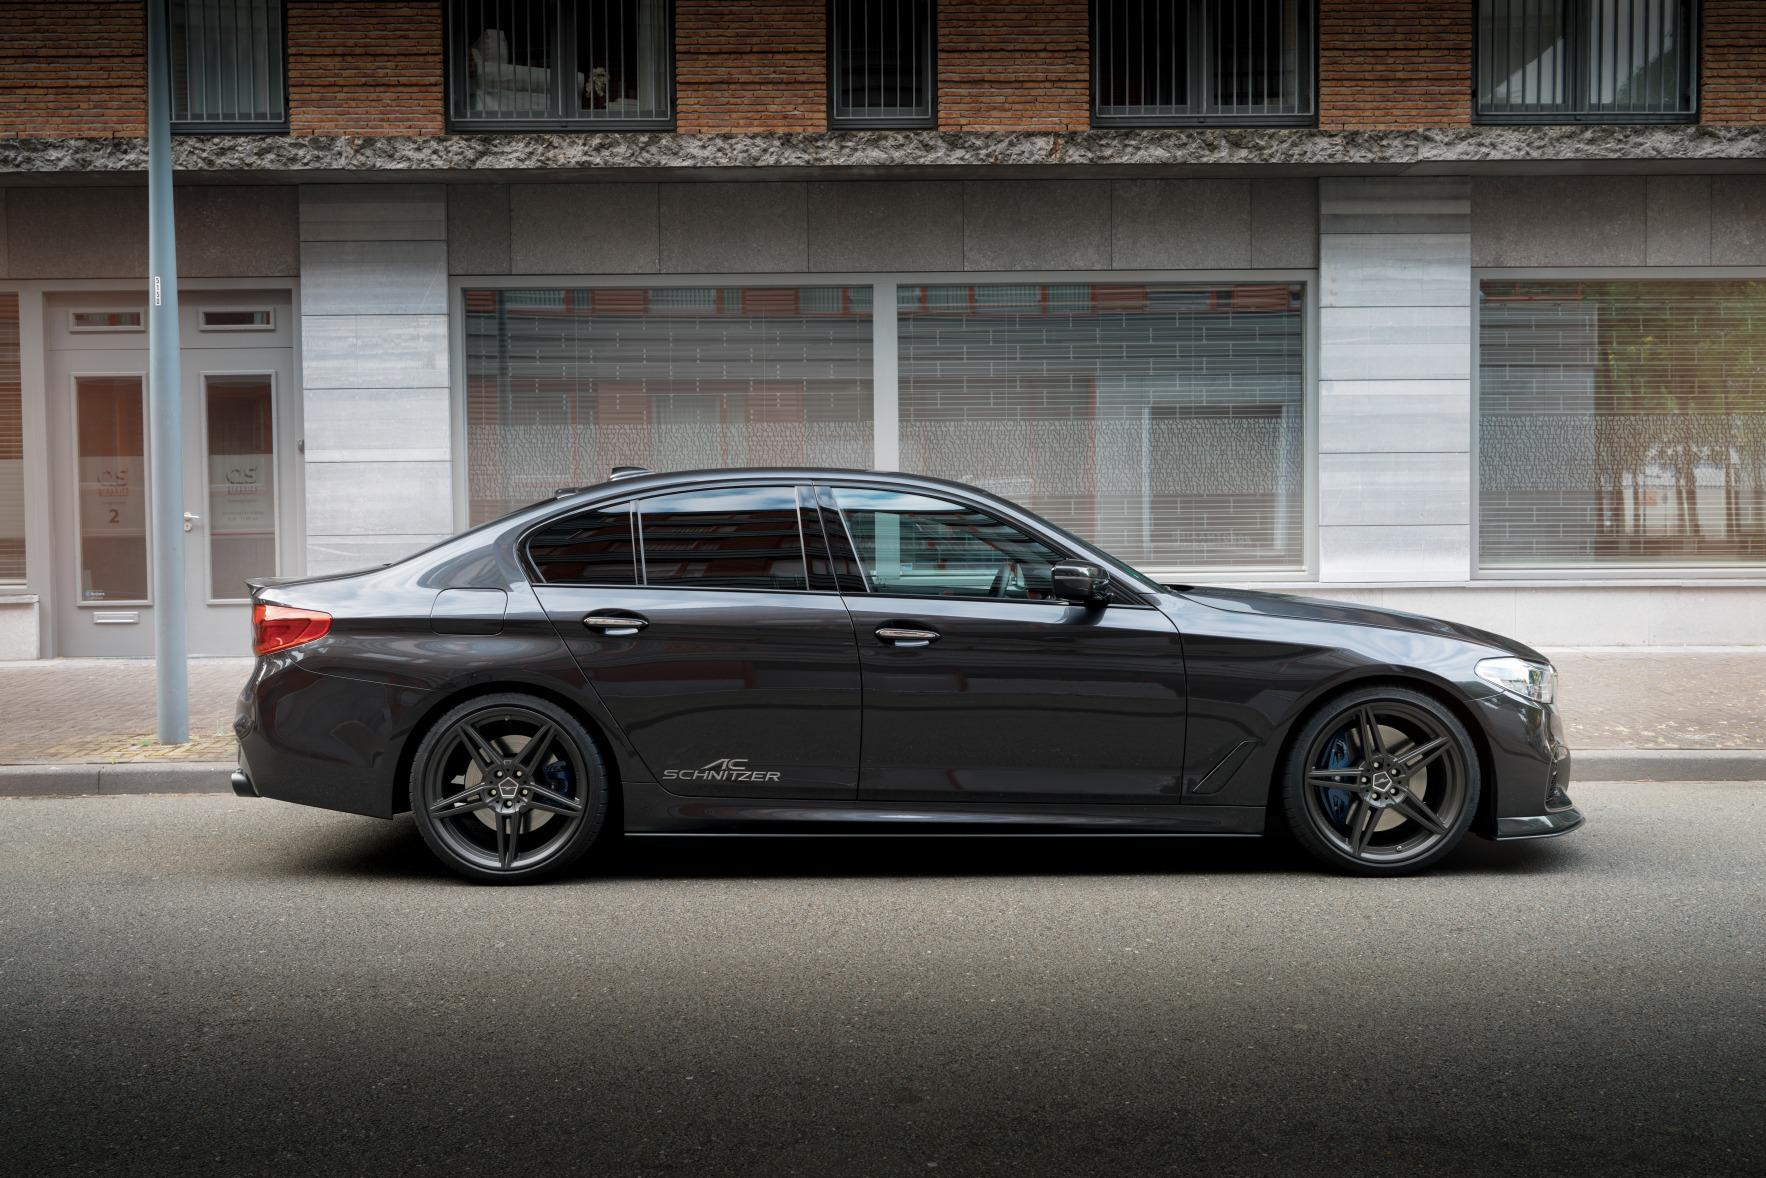 http://www.advent.jp/blog/BMW_5er_Limousine_by_AC_Schnitzer_seite_stehend_72.jpg